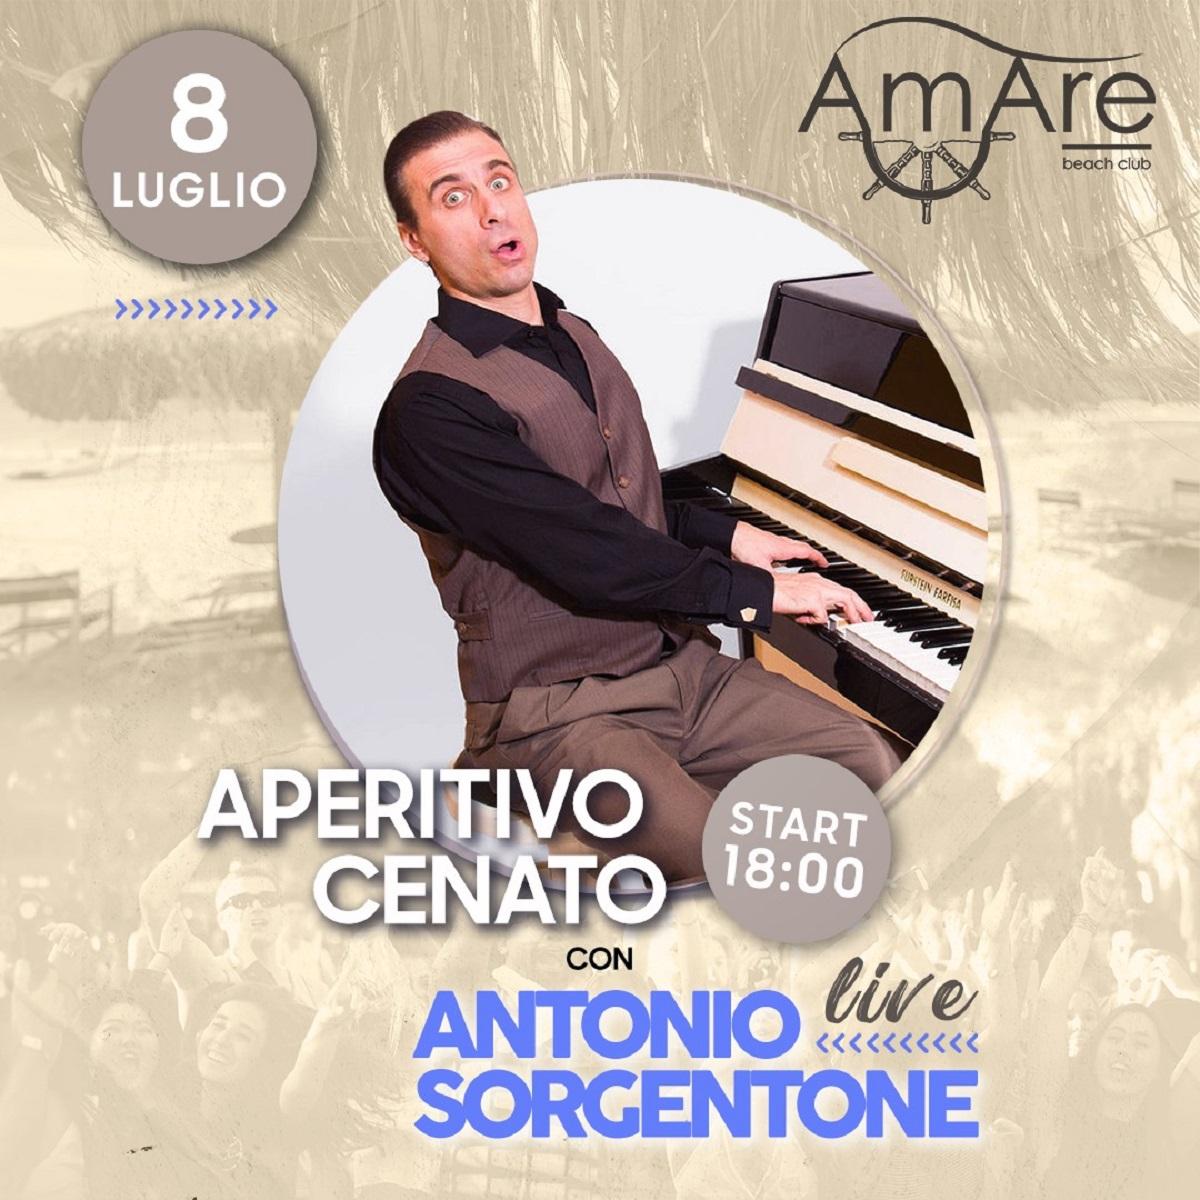 Aperitivo cenato e Antonio Sorgentone 8 luglio 2021 foto